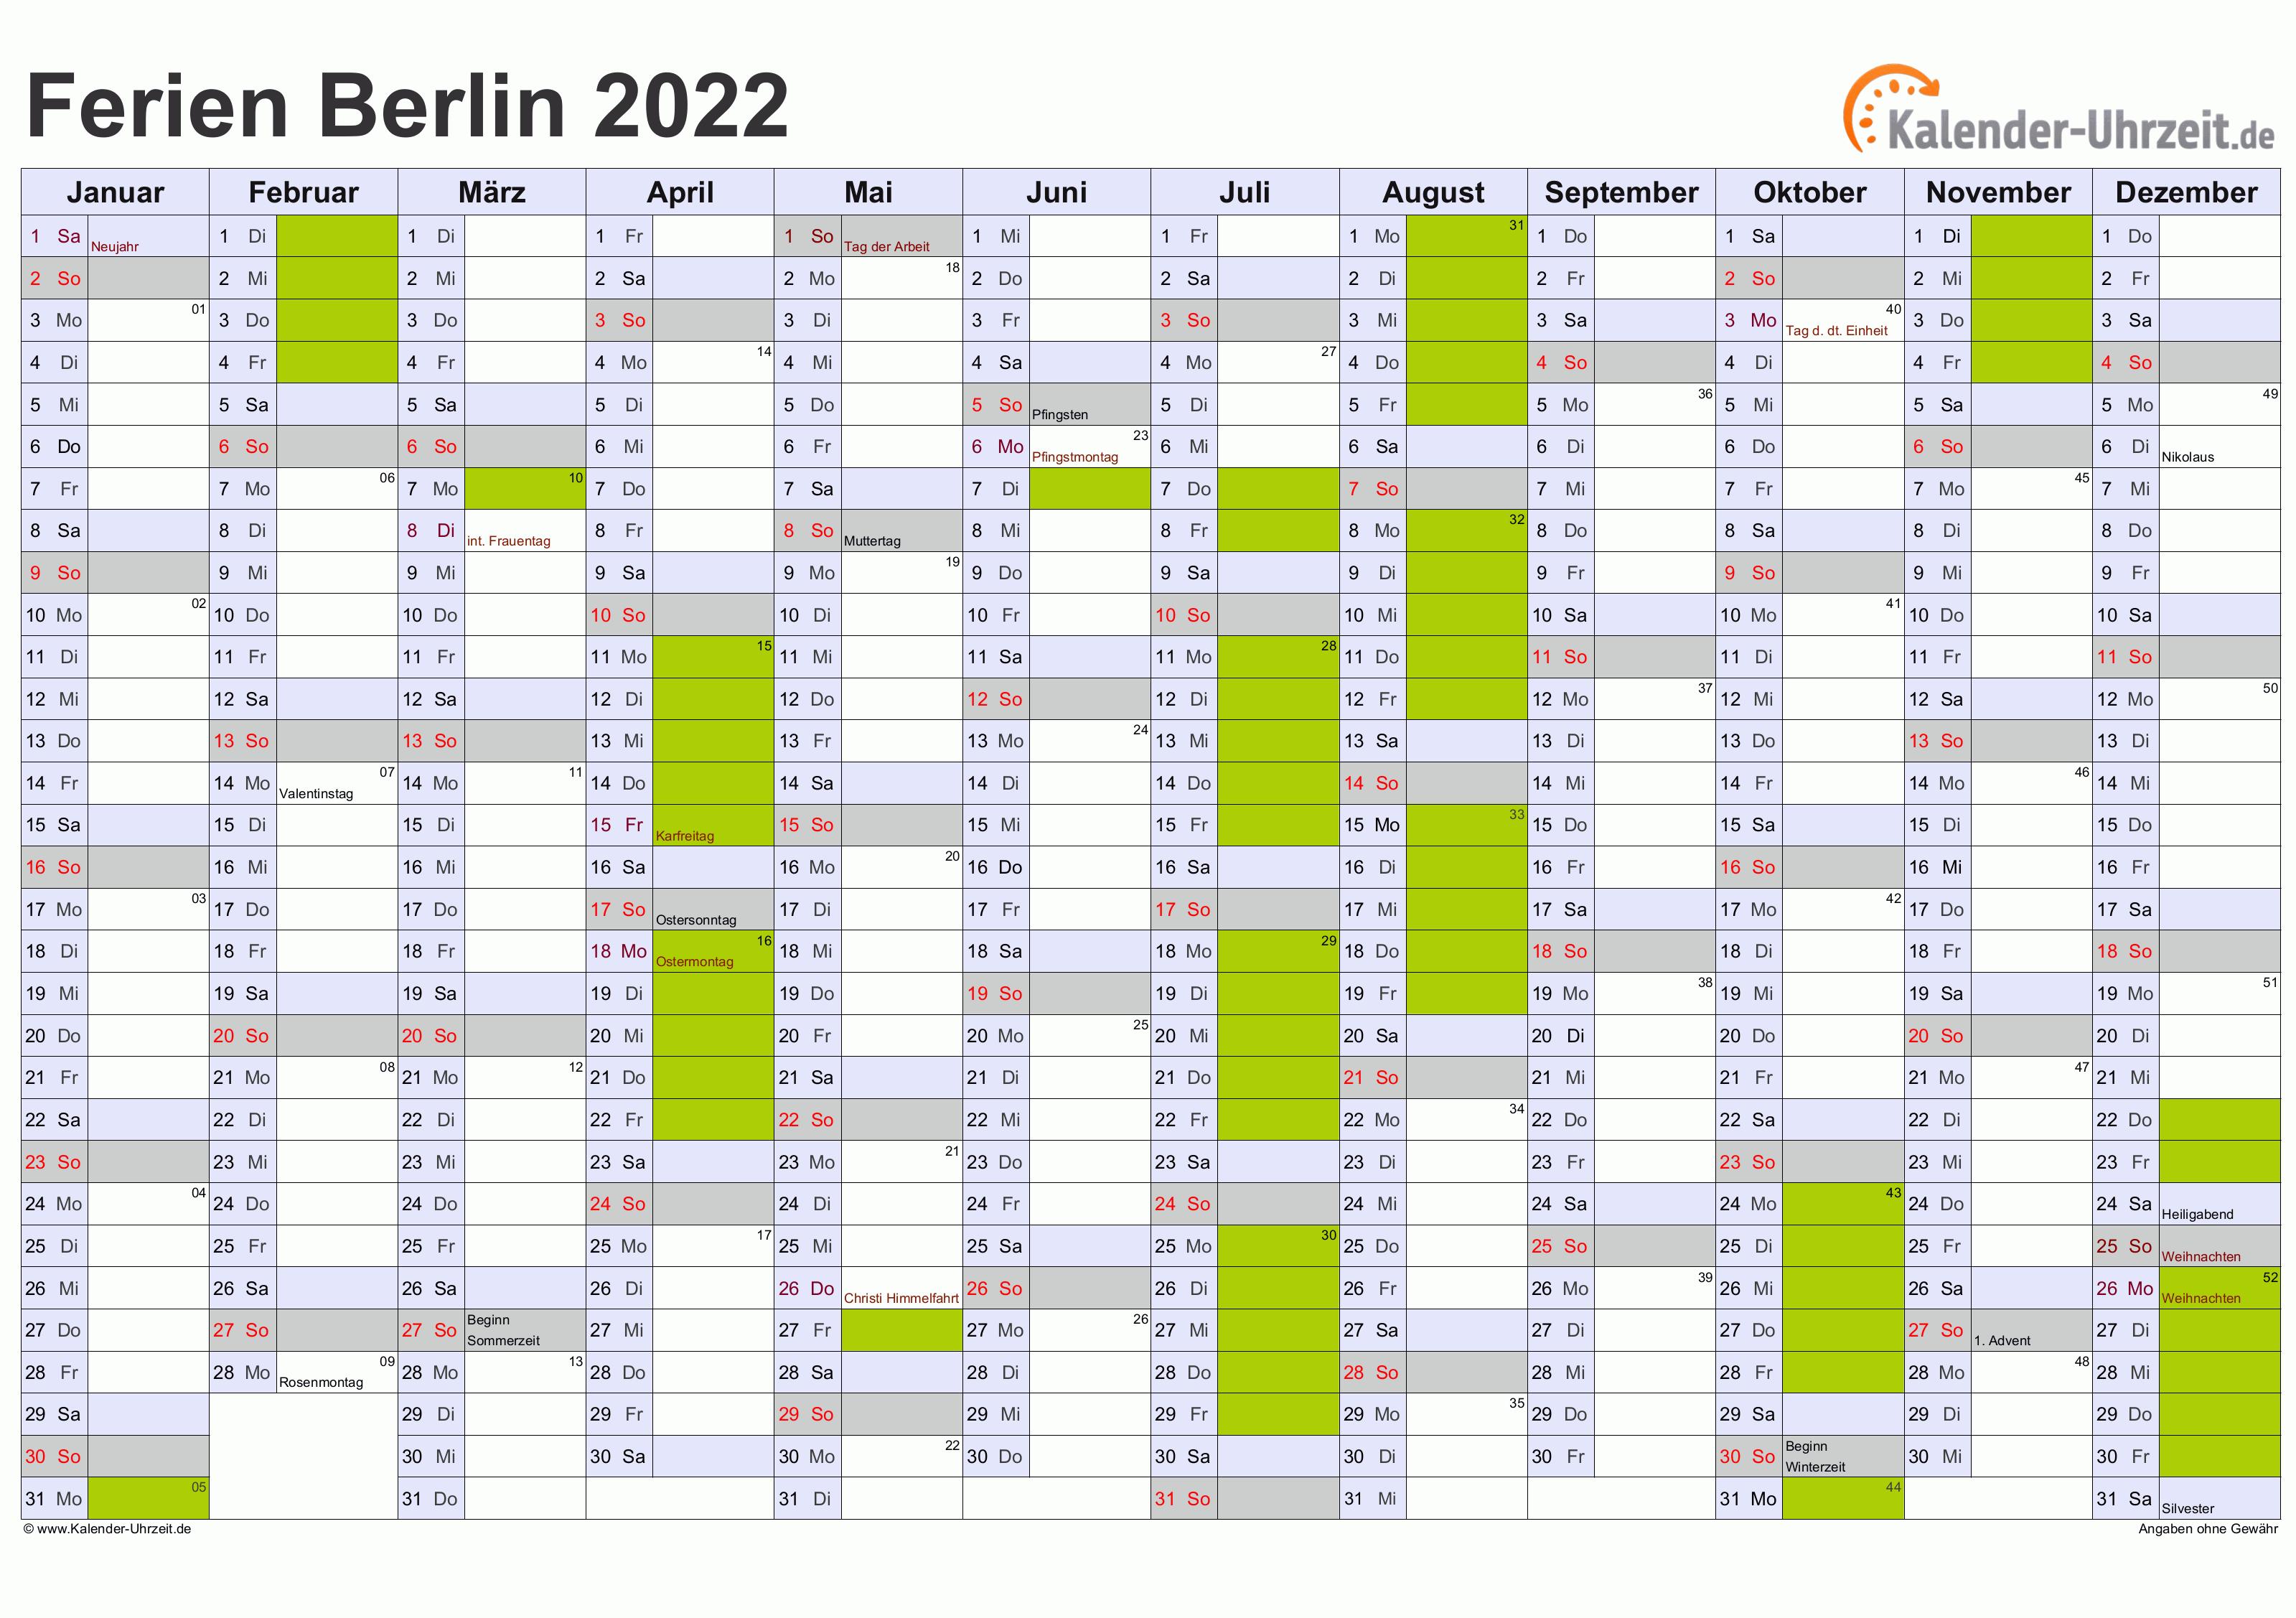 Ferien Berlin 2022 - Ferienkalender zum Ausdrucken